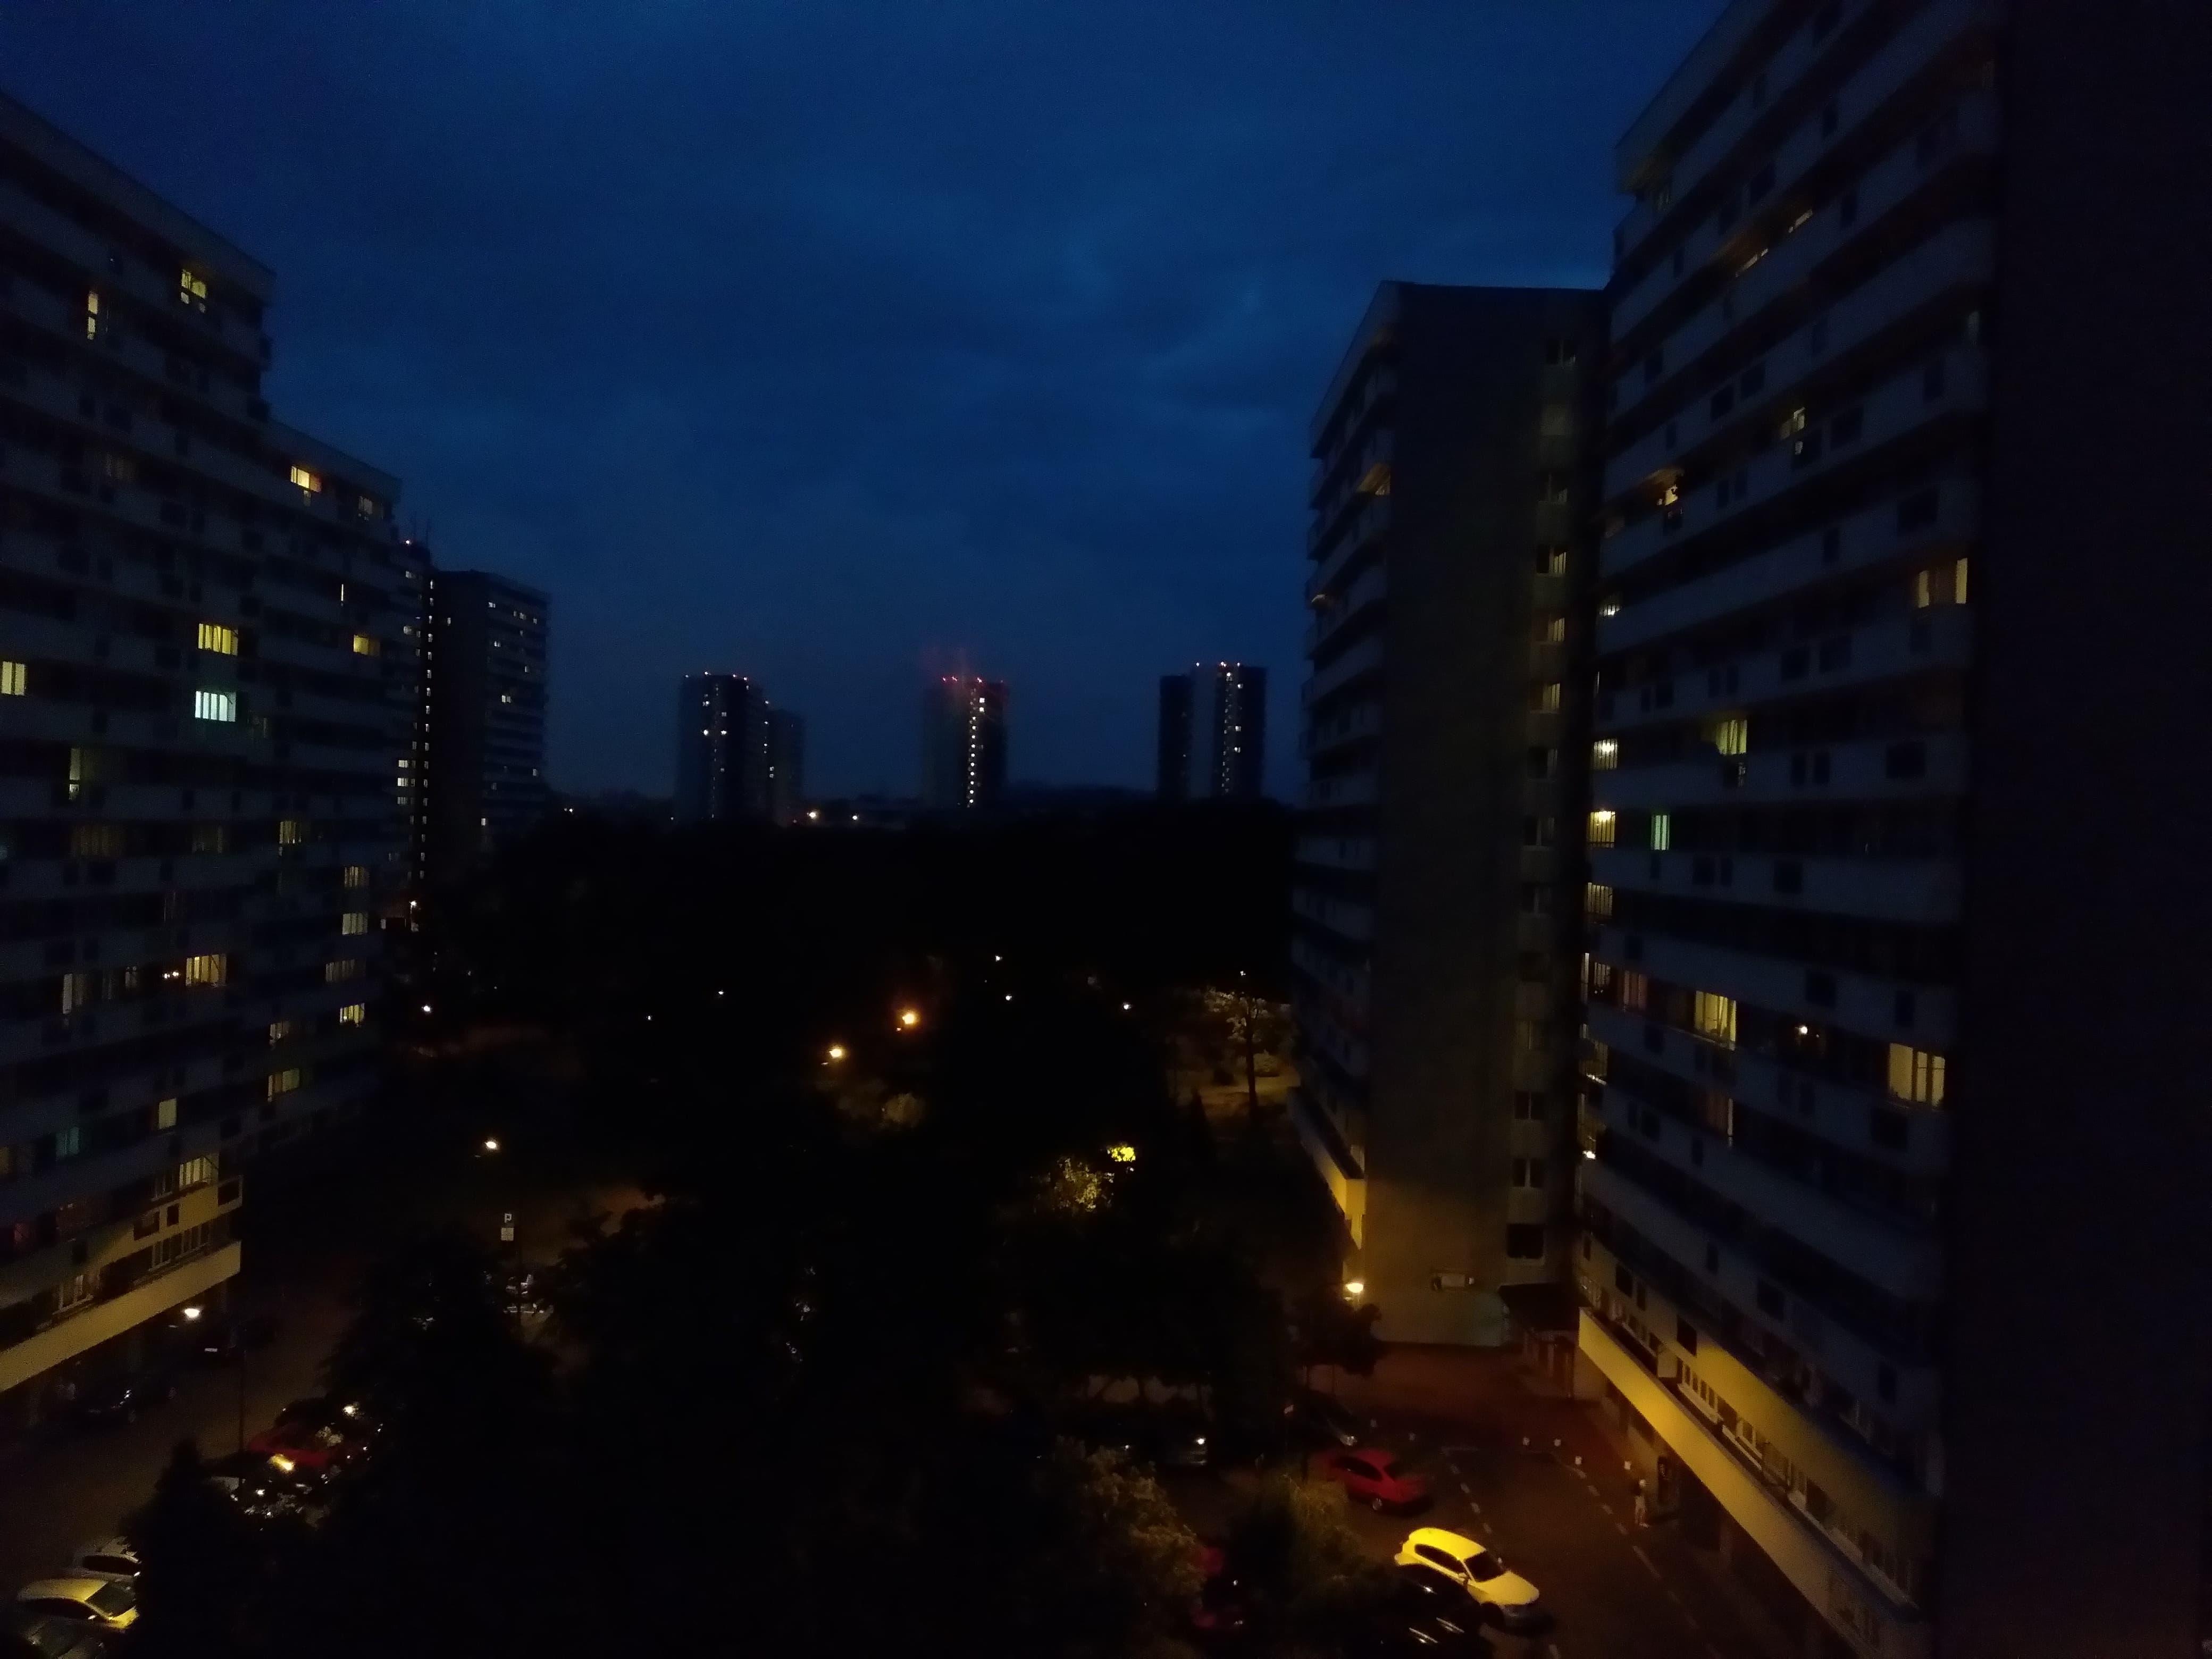 Zdjęcia nocne - Lenovo P2